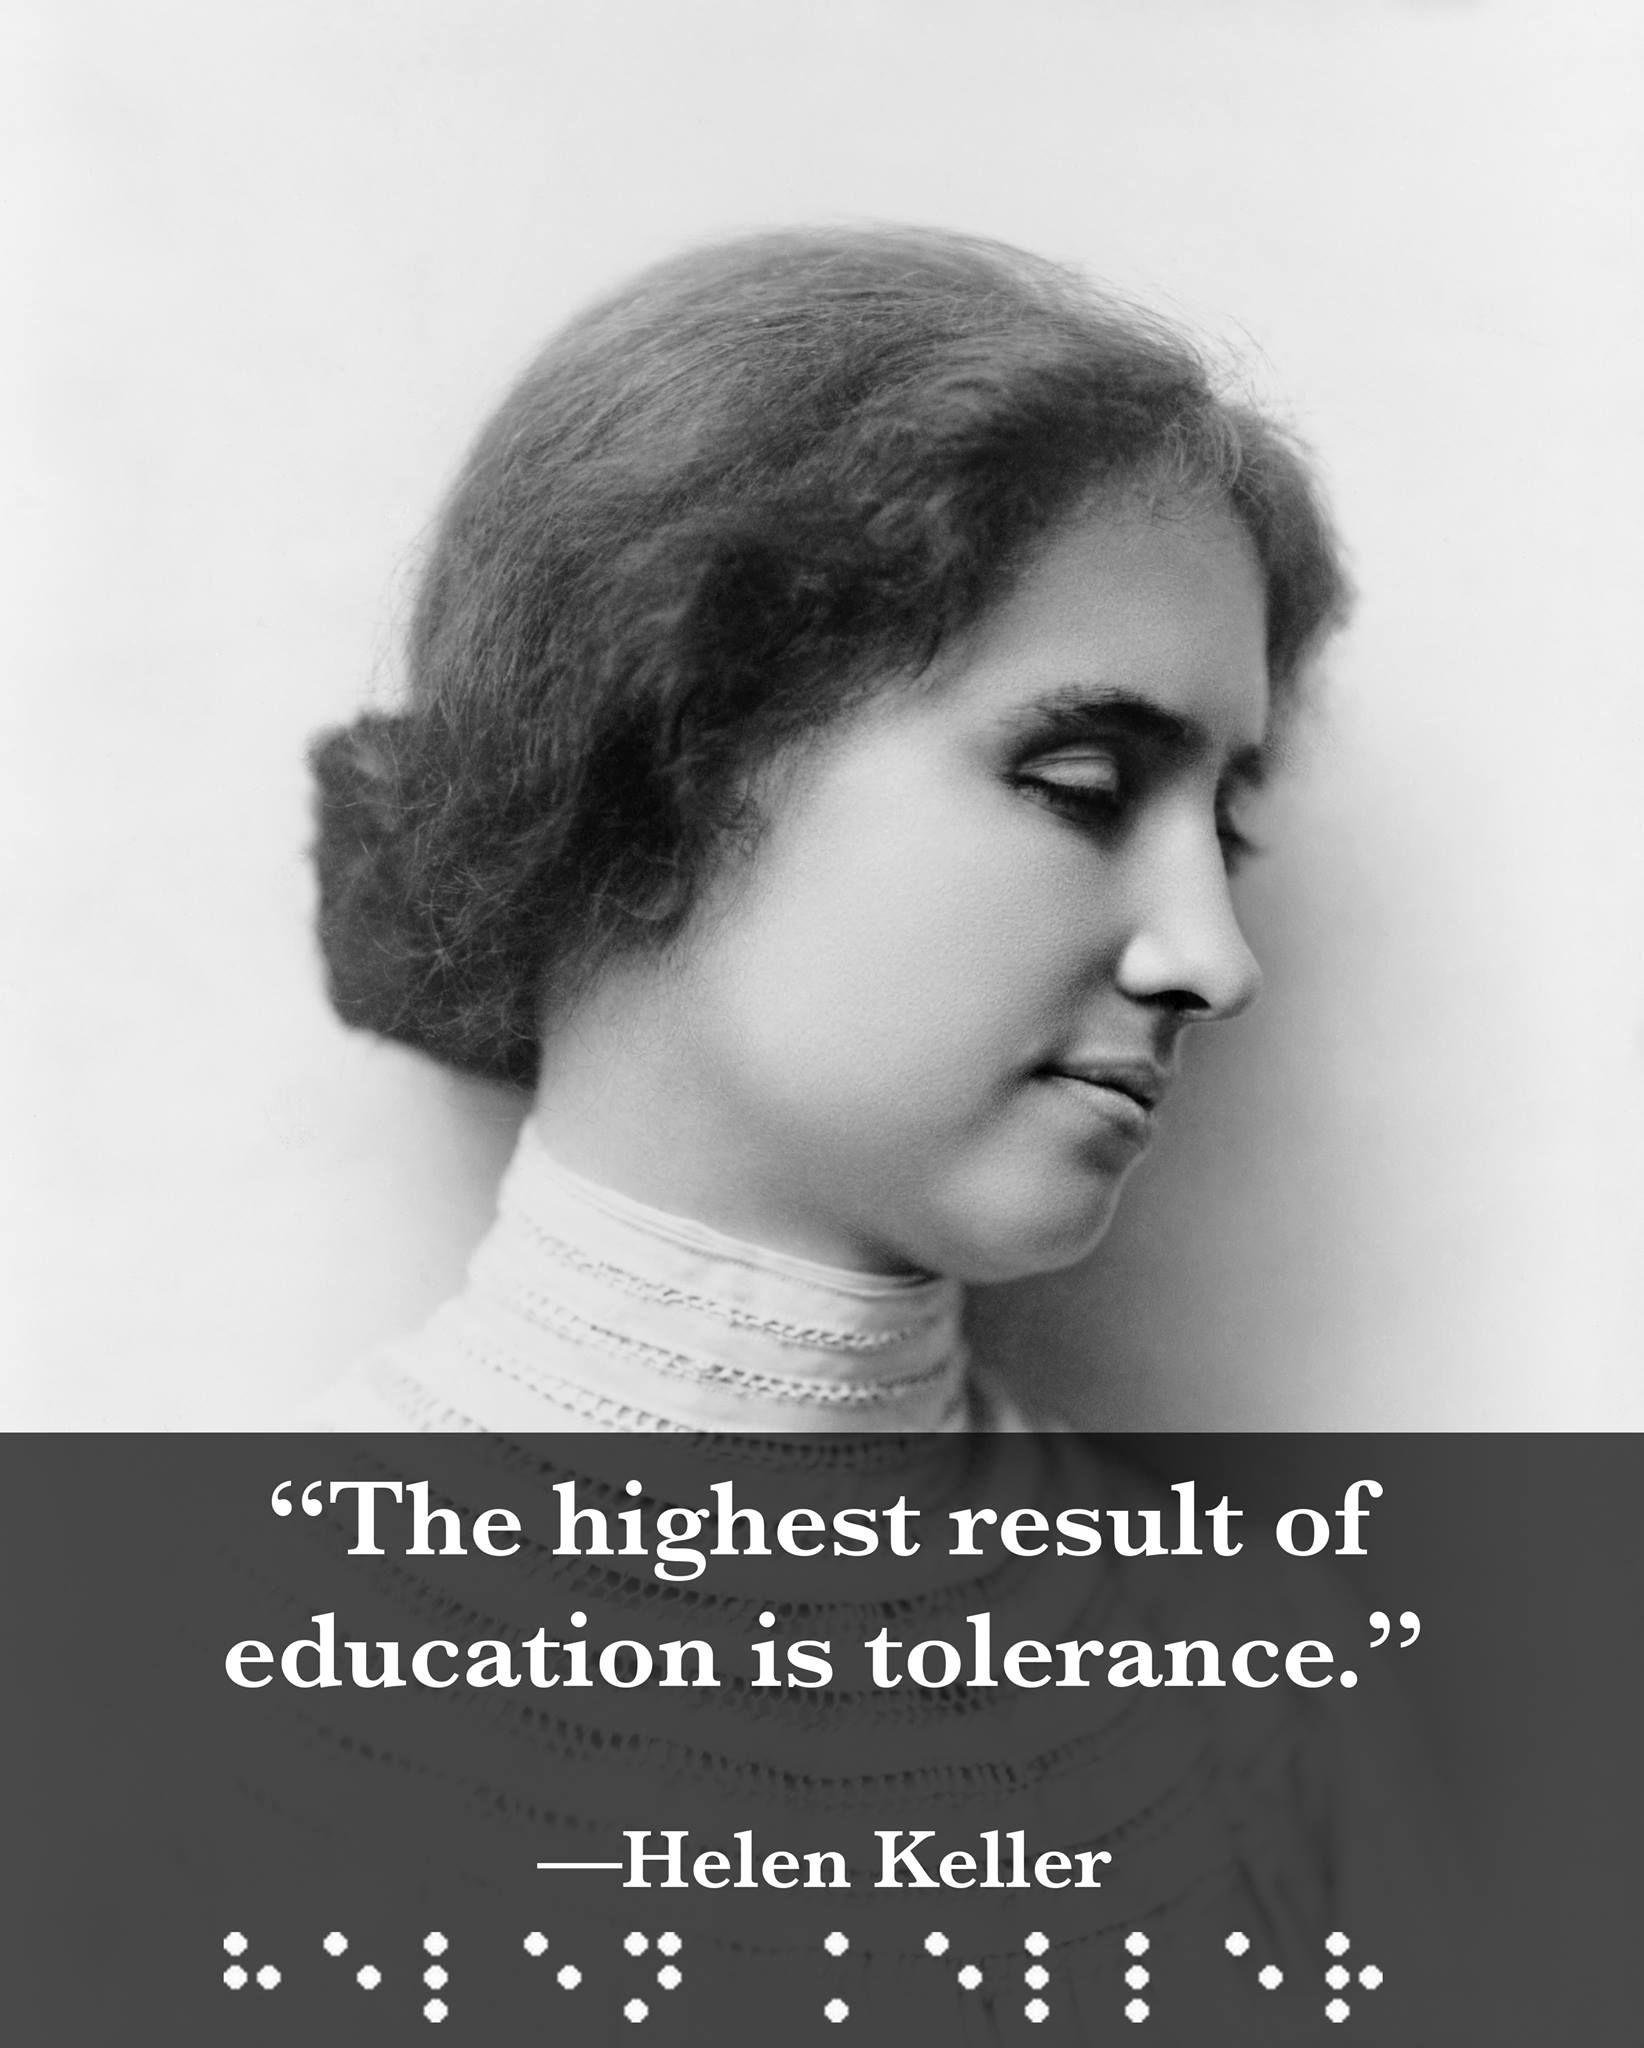 Helen Keller A Childhood Disease Left Her Deaf